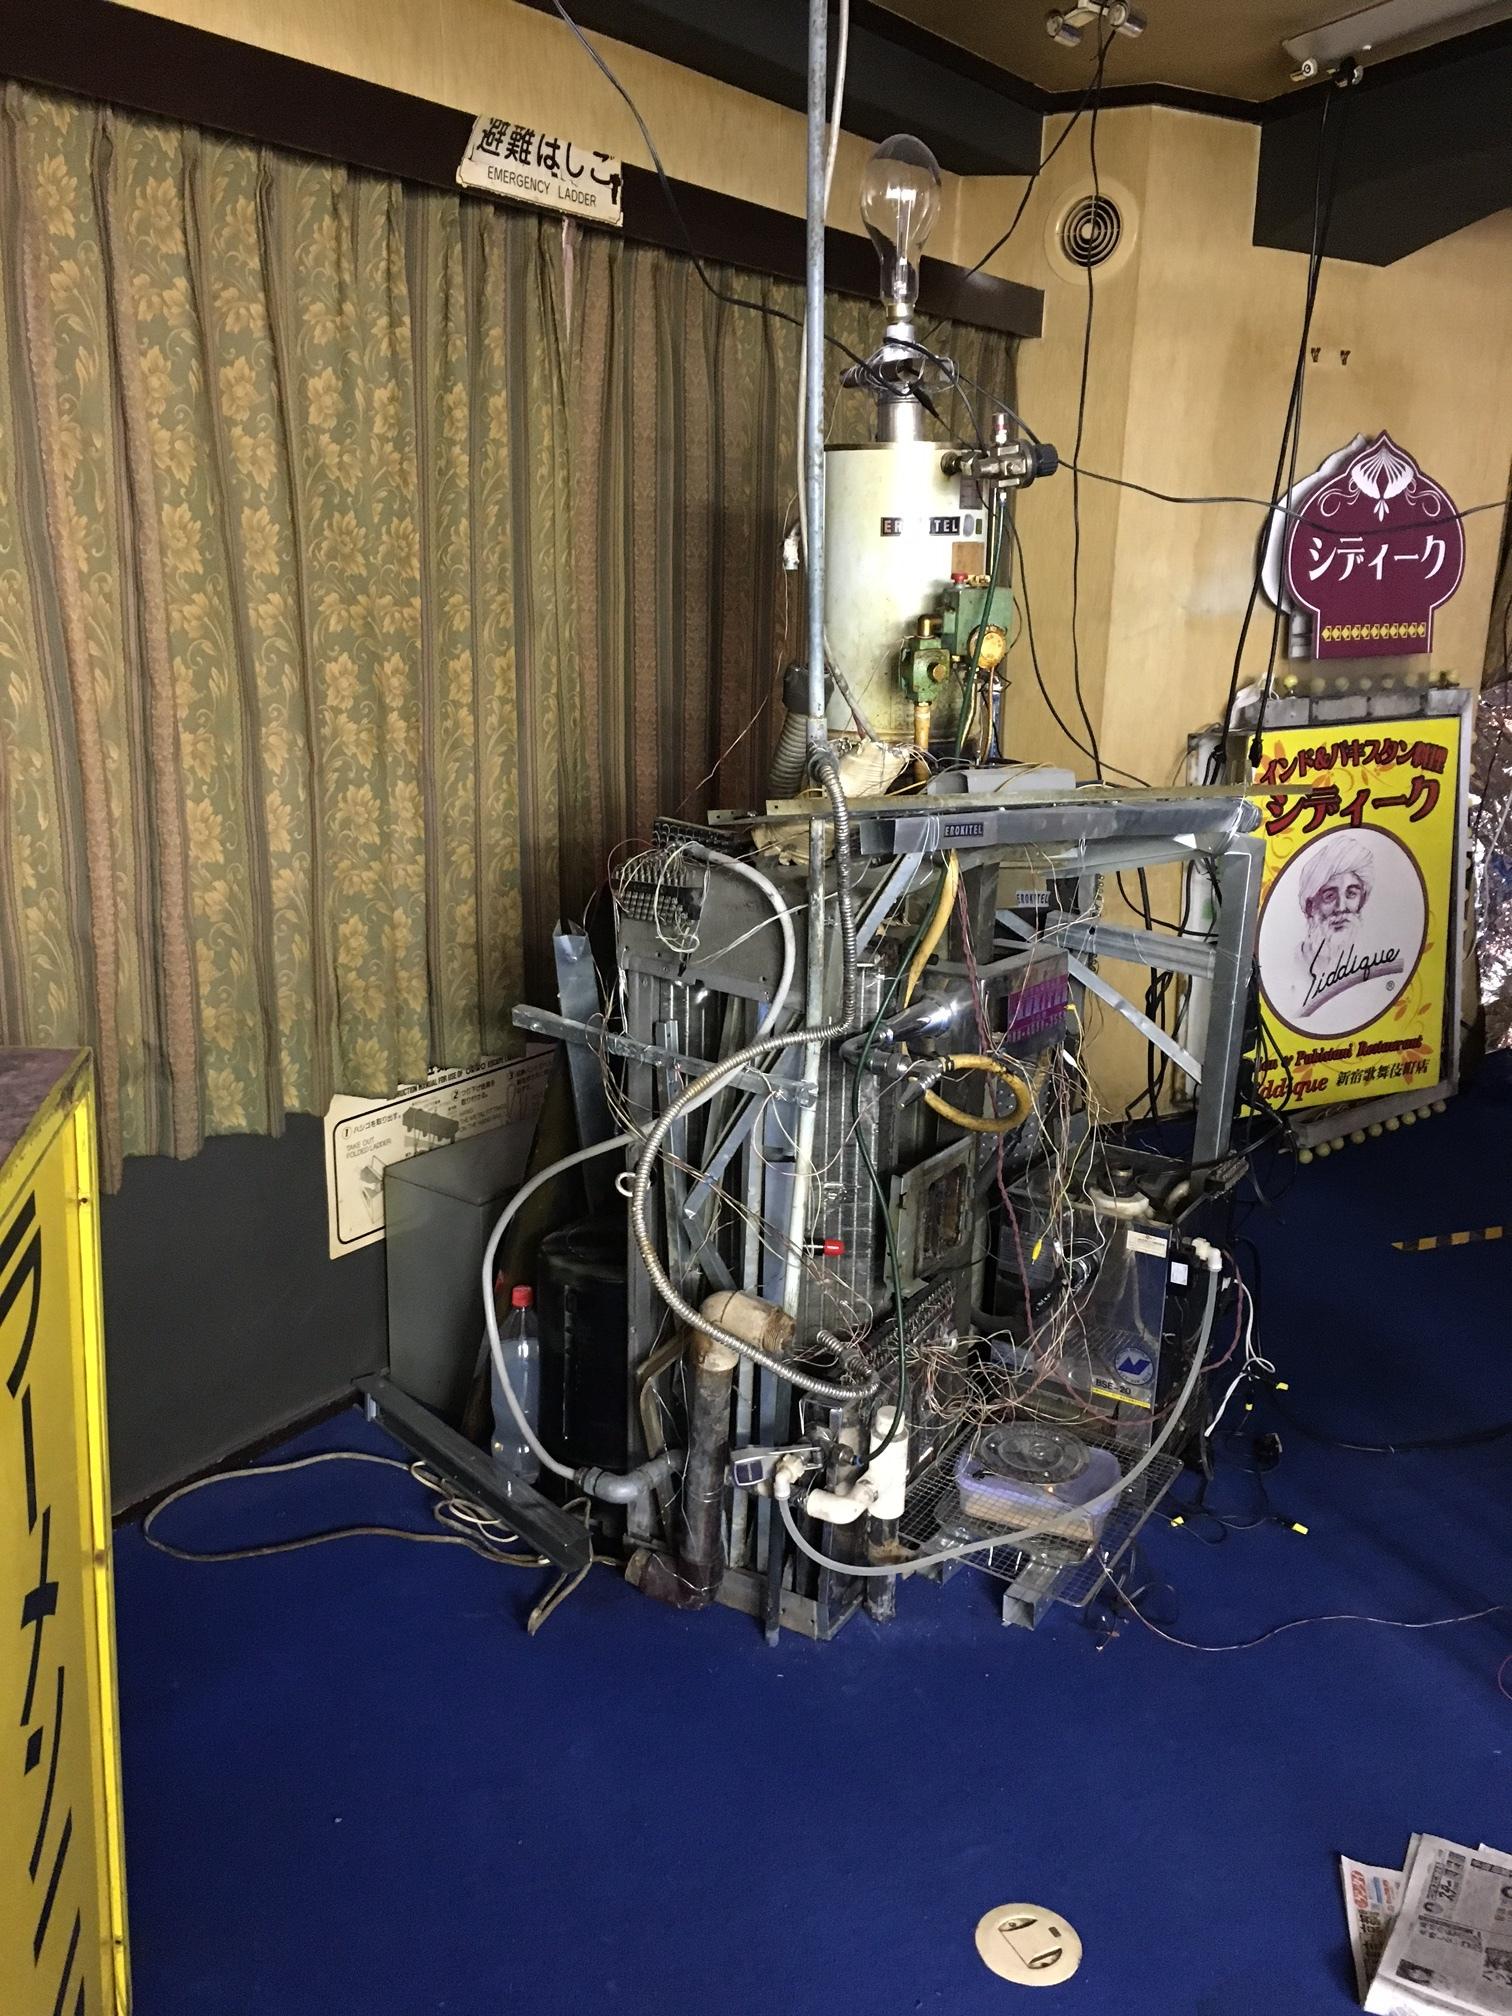 性欲電気変換装置エロキテル5号機